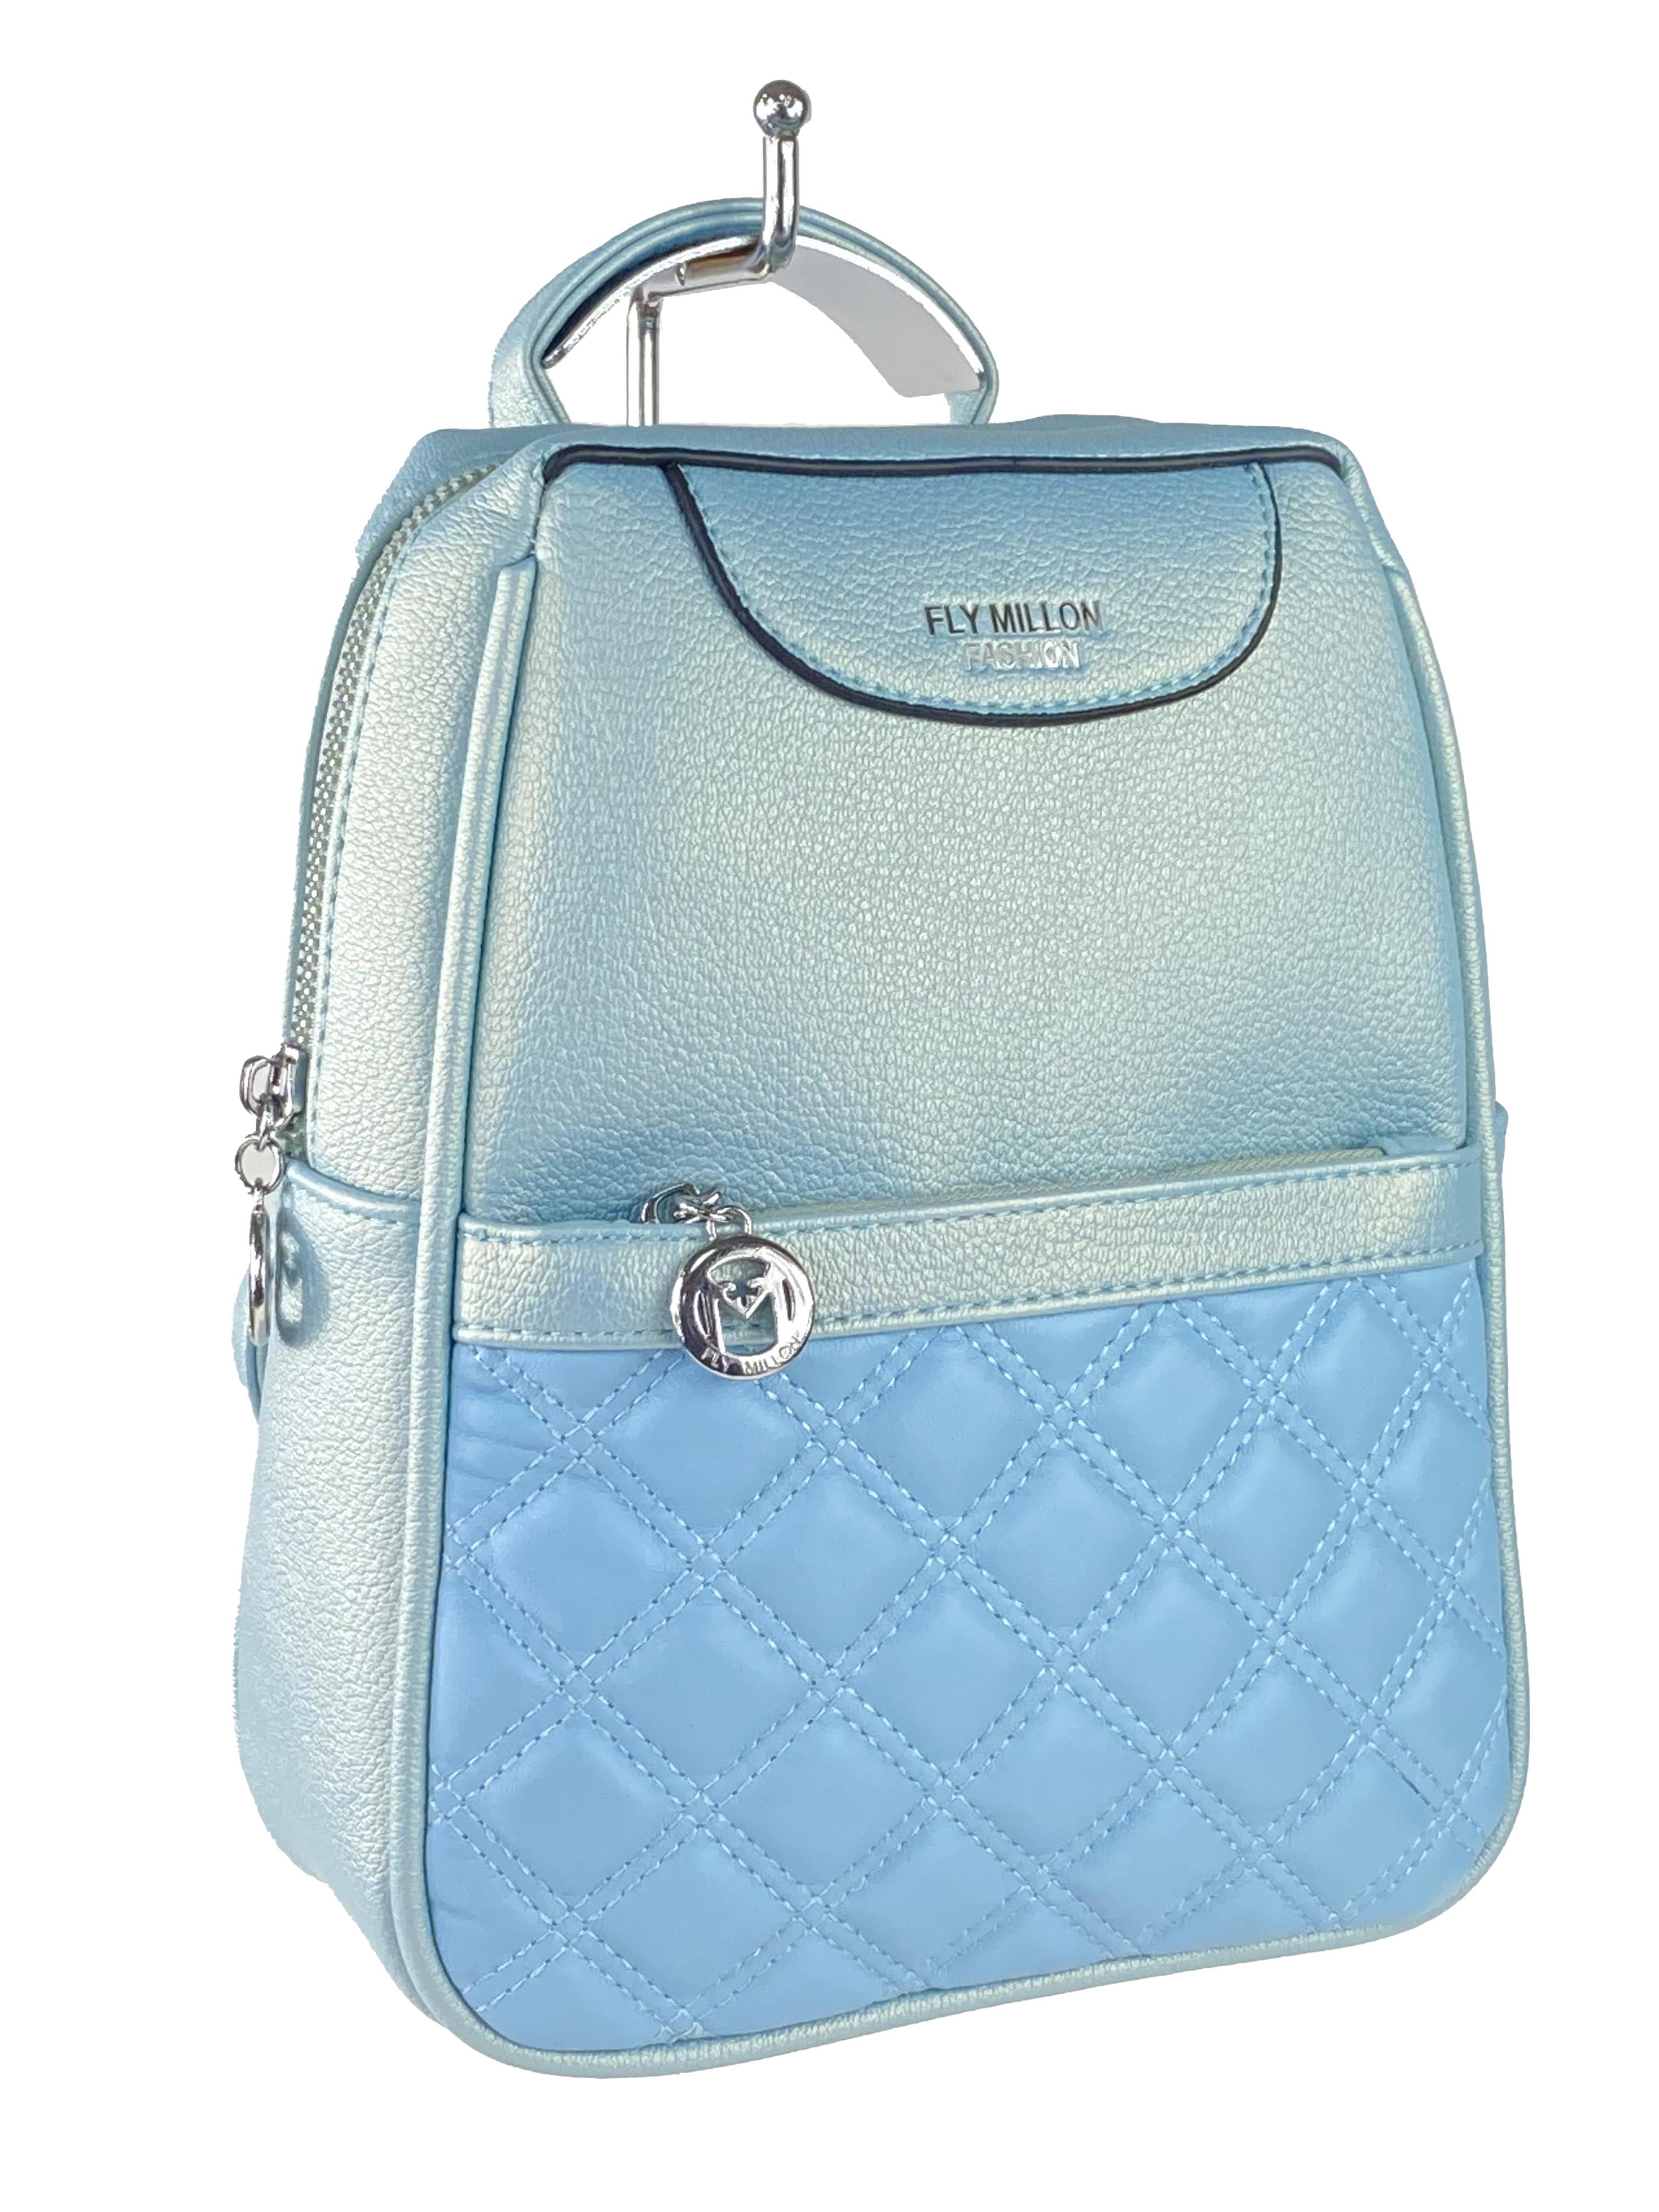 Женский рюкзачок-трансформер из искусственной кожи со стёжкой, цвет голубой с перламутром